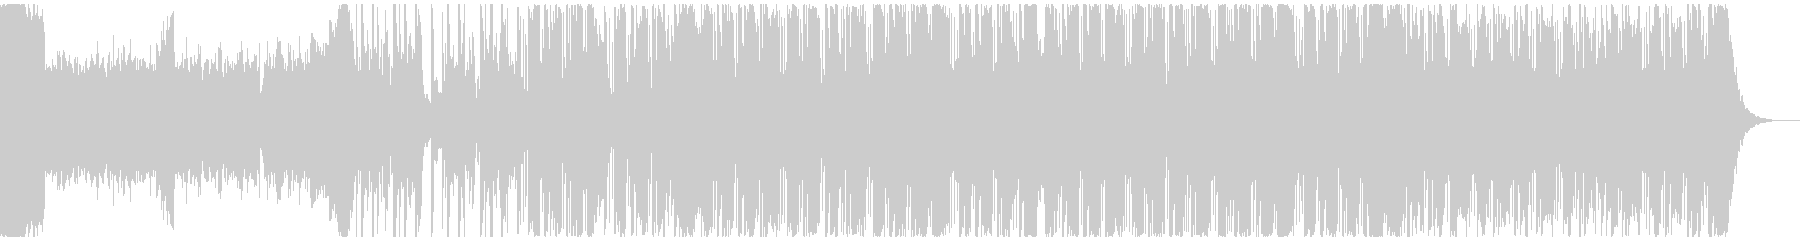 ダークなヒップホップ系BGMの未再生の波形